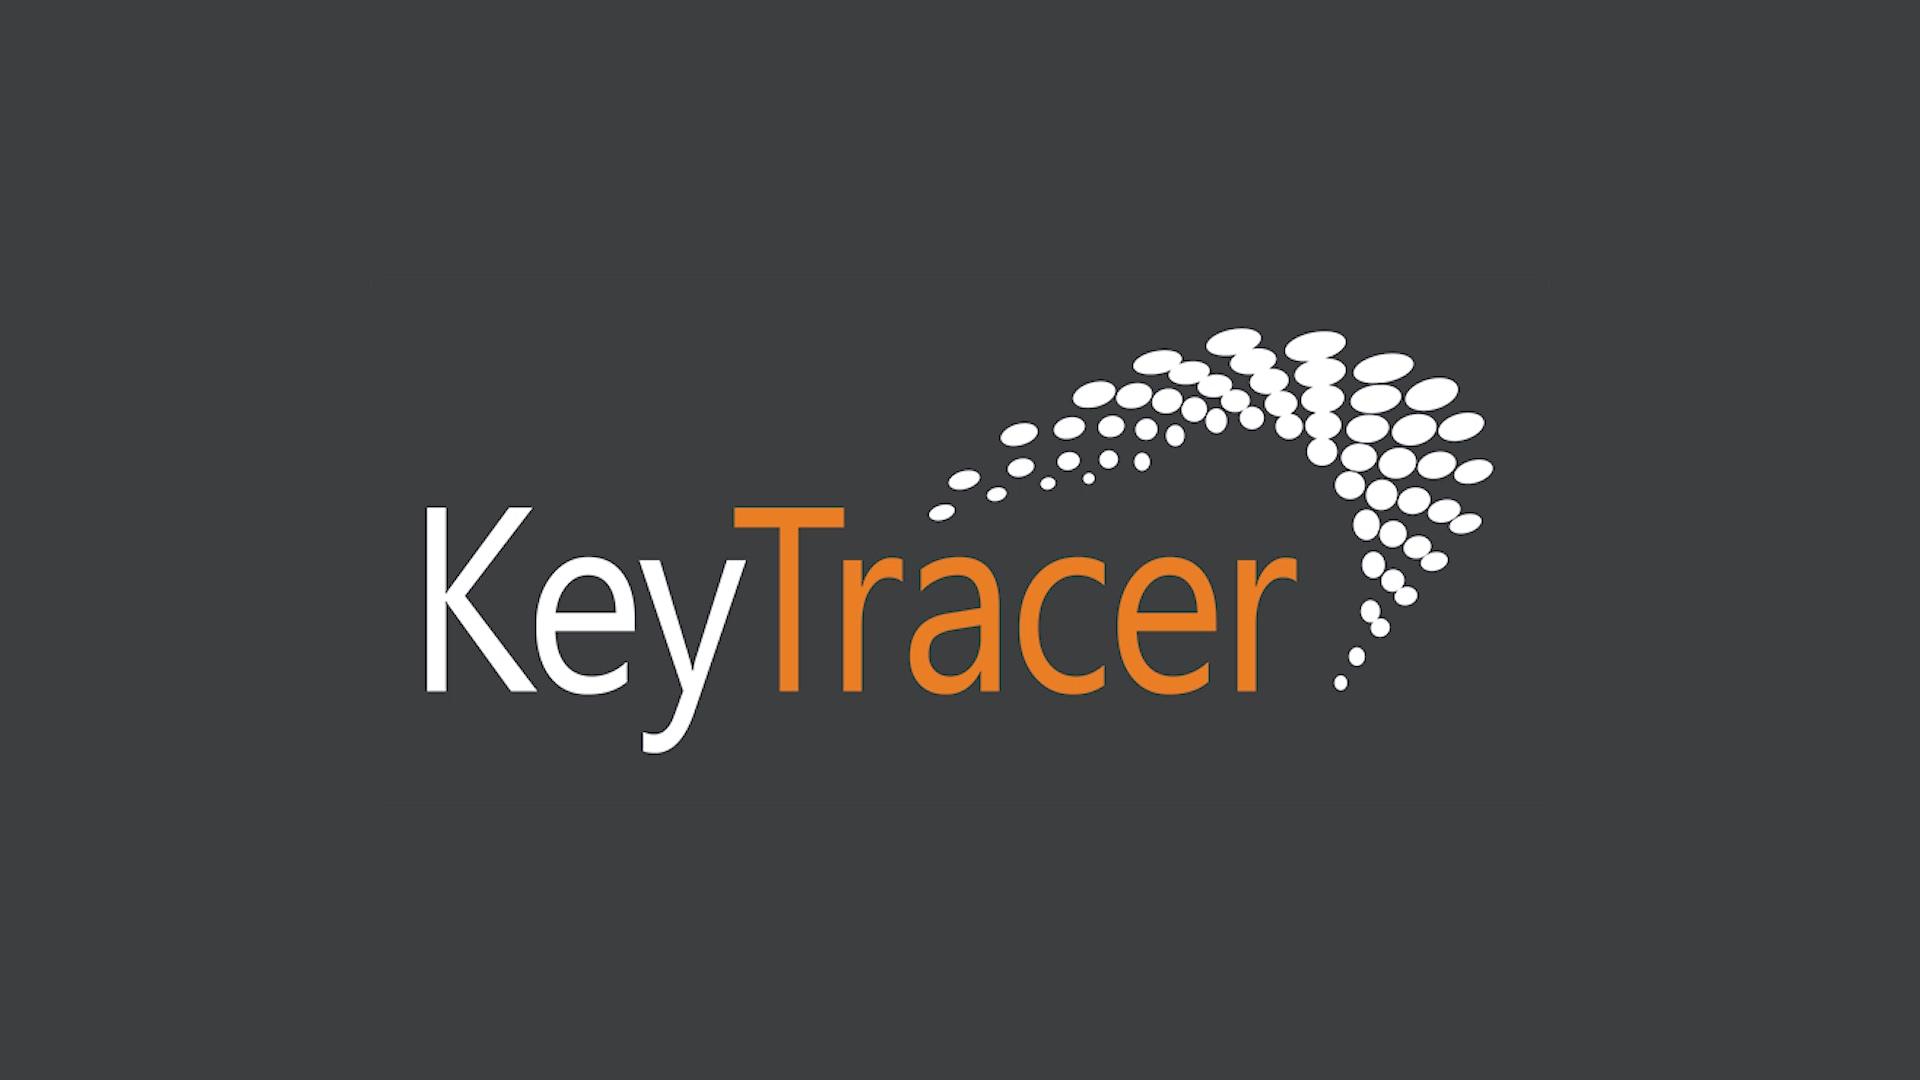 KeyTracer Demo - 2020.v4